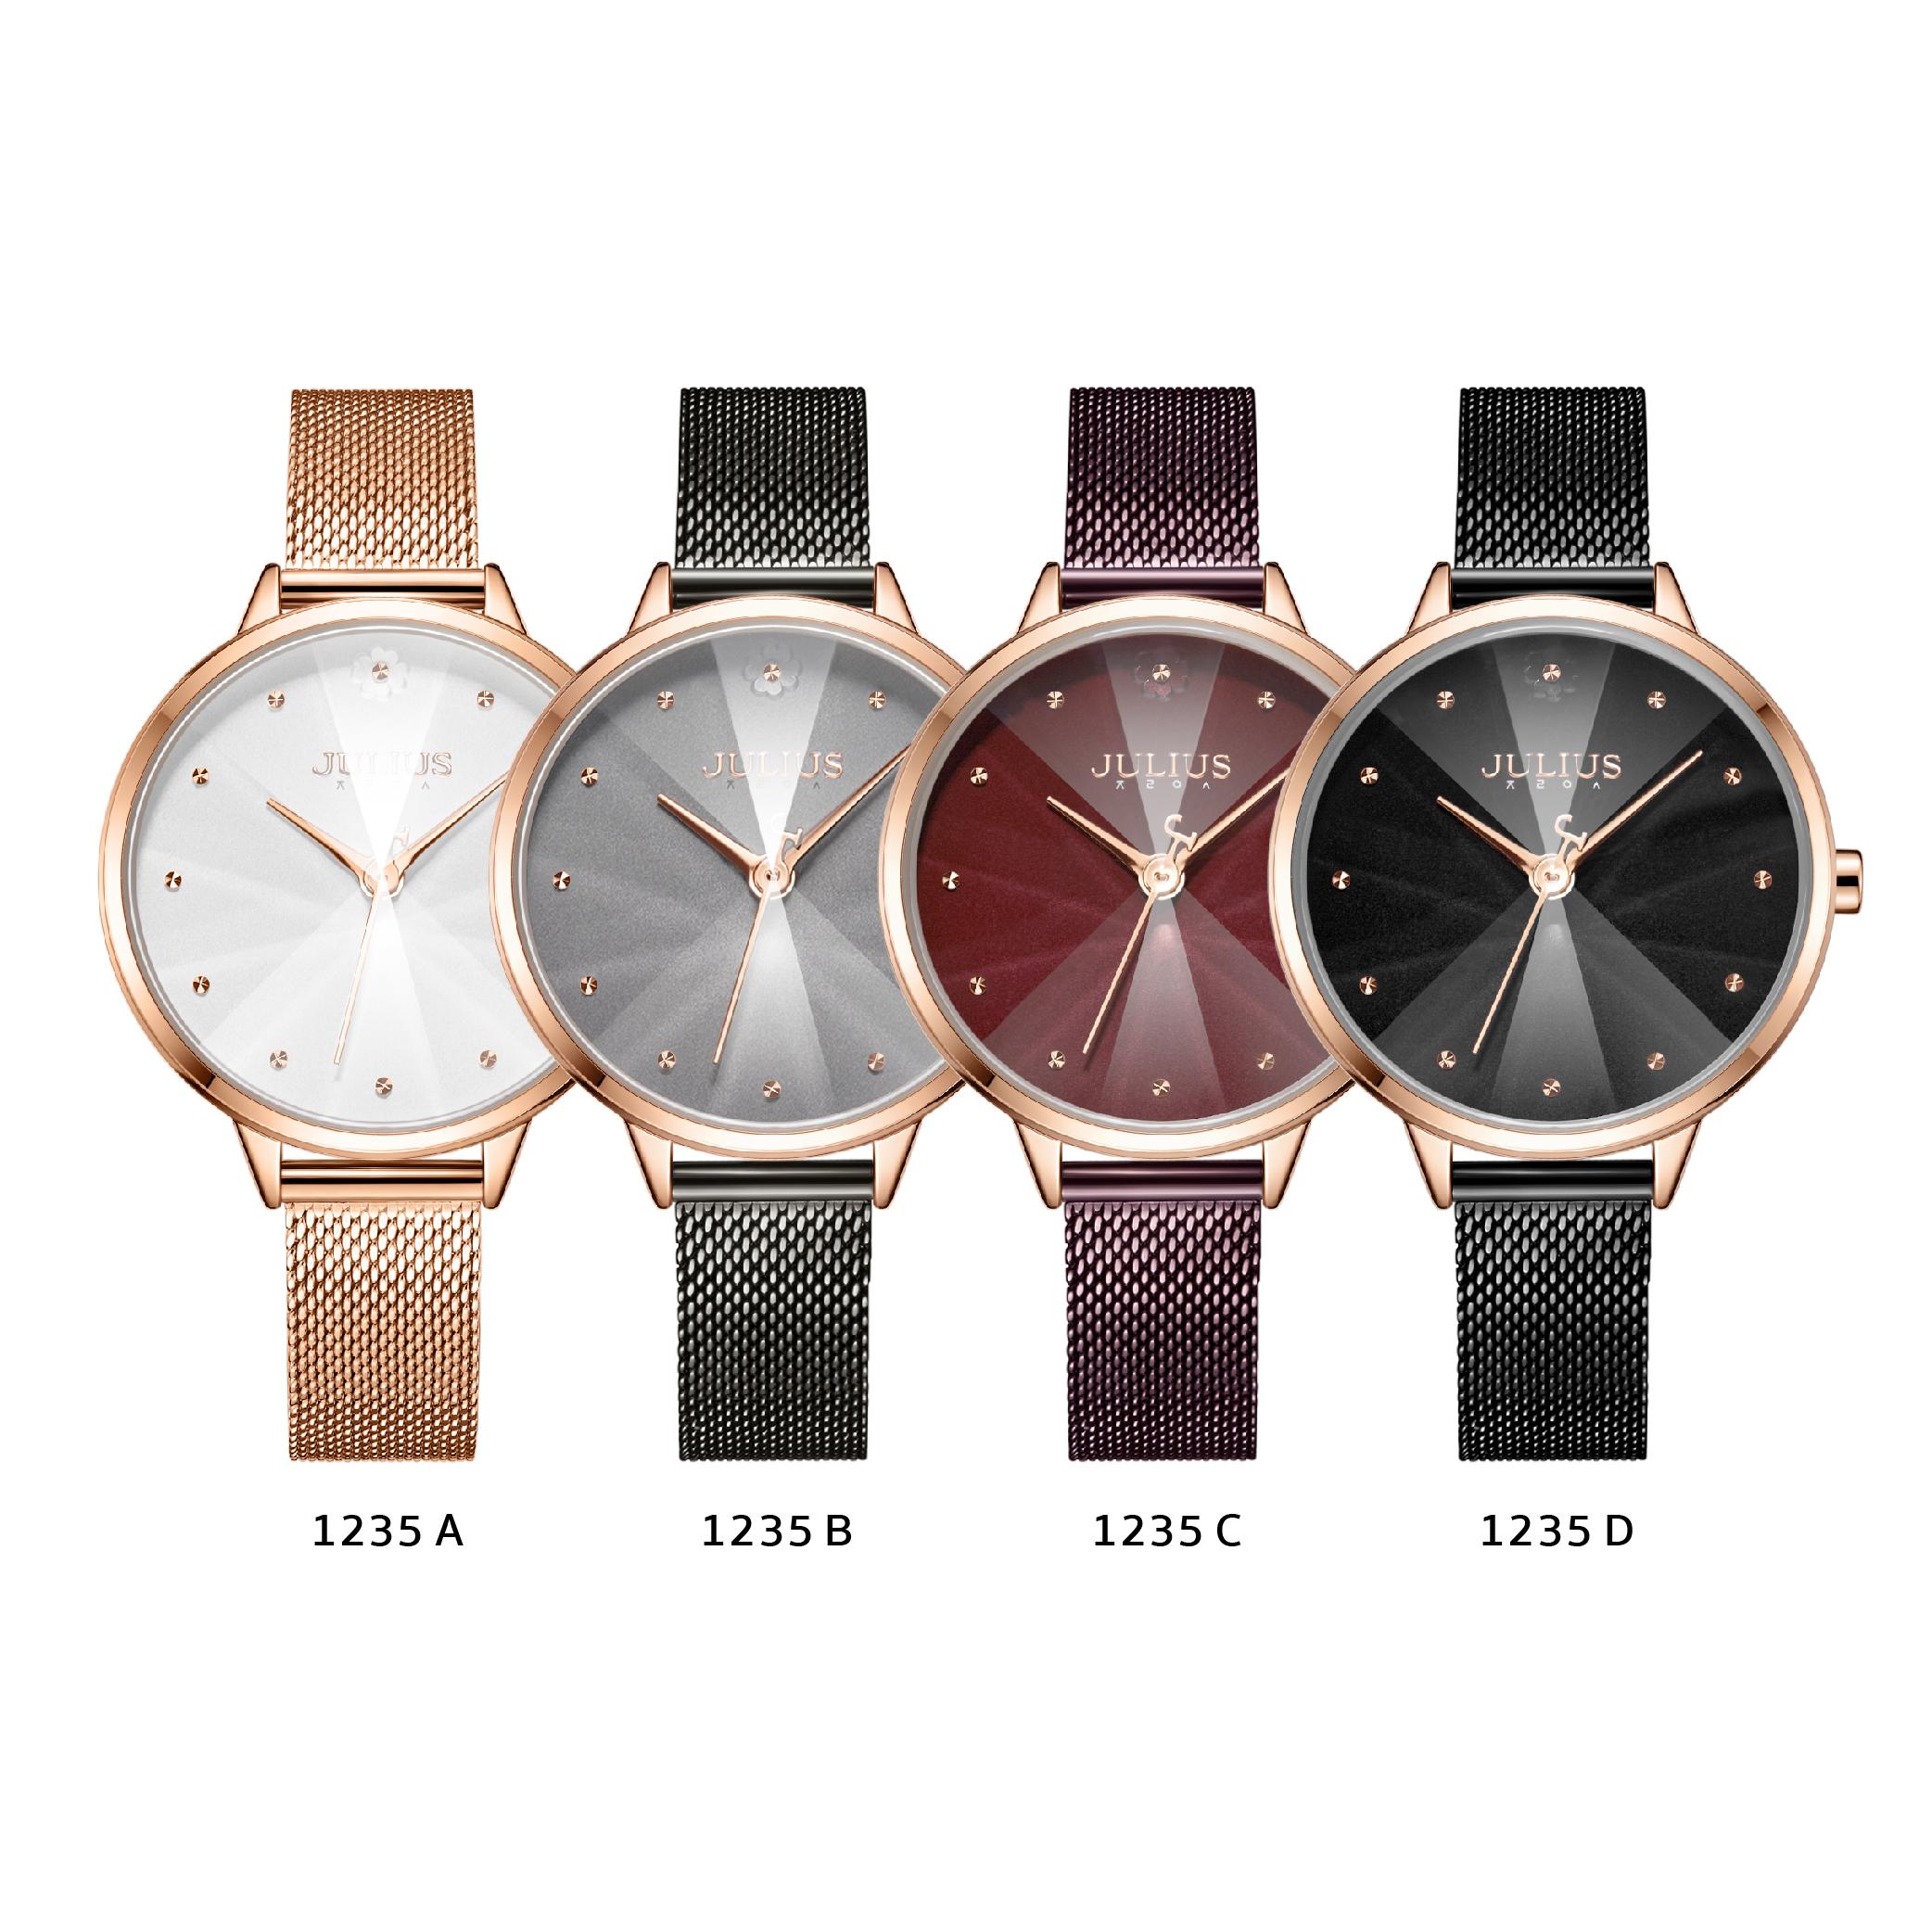 นาฬิกาข้อมือผู้หญิง JULIUS JA-1235 D